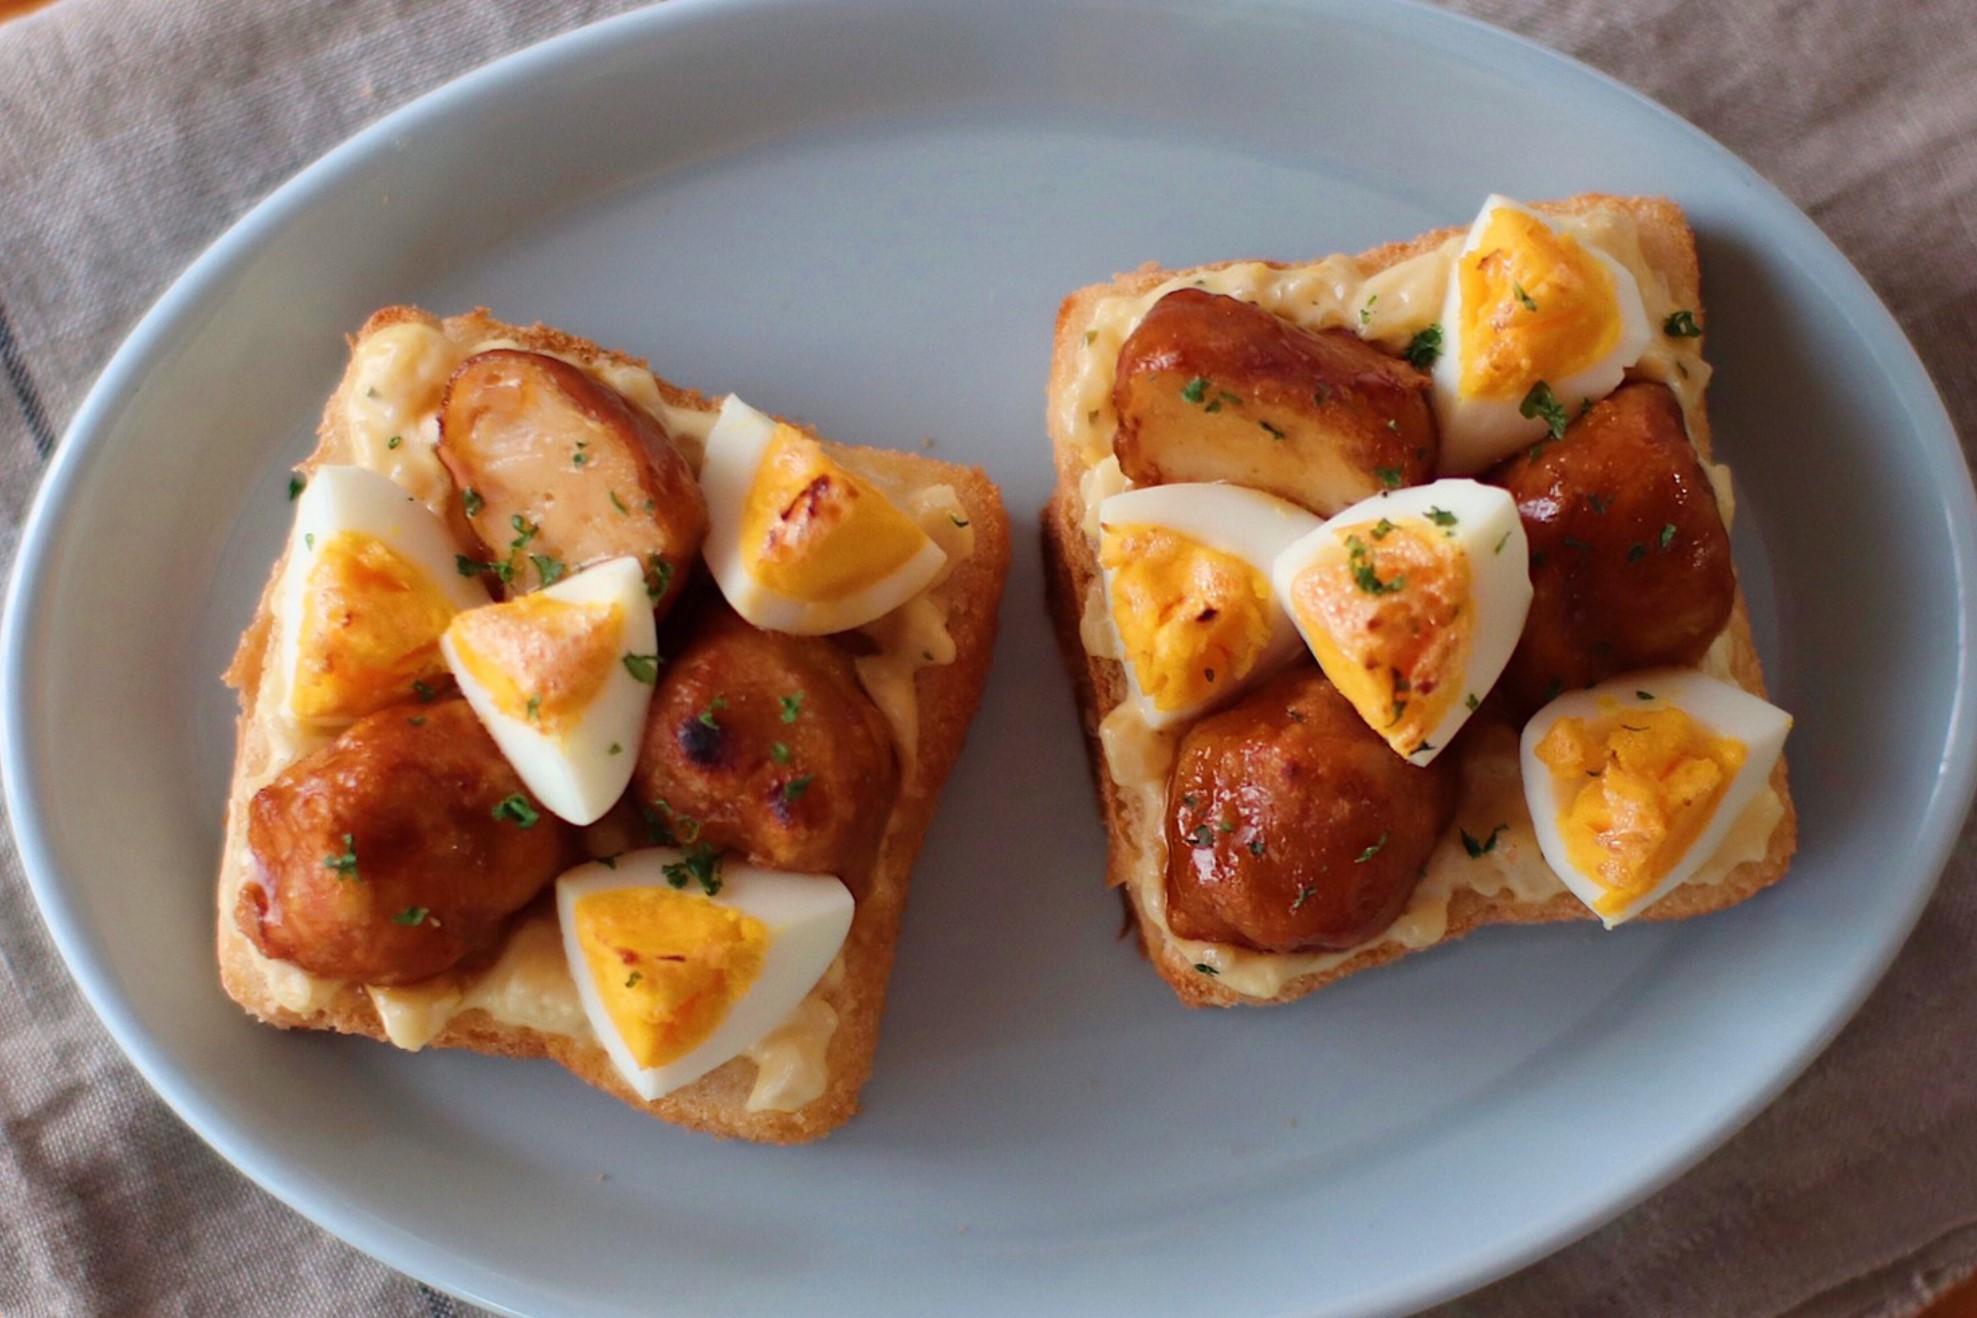 冷凍唐揚げでボリューム満点『チキン南蛮風トースト』